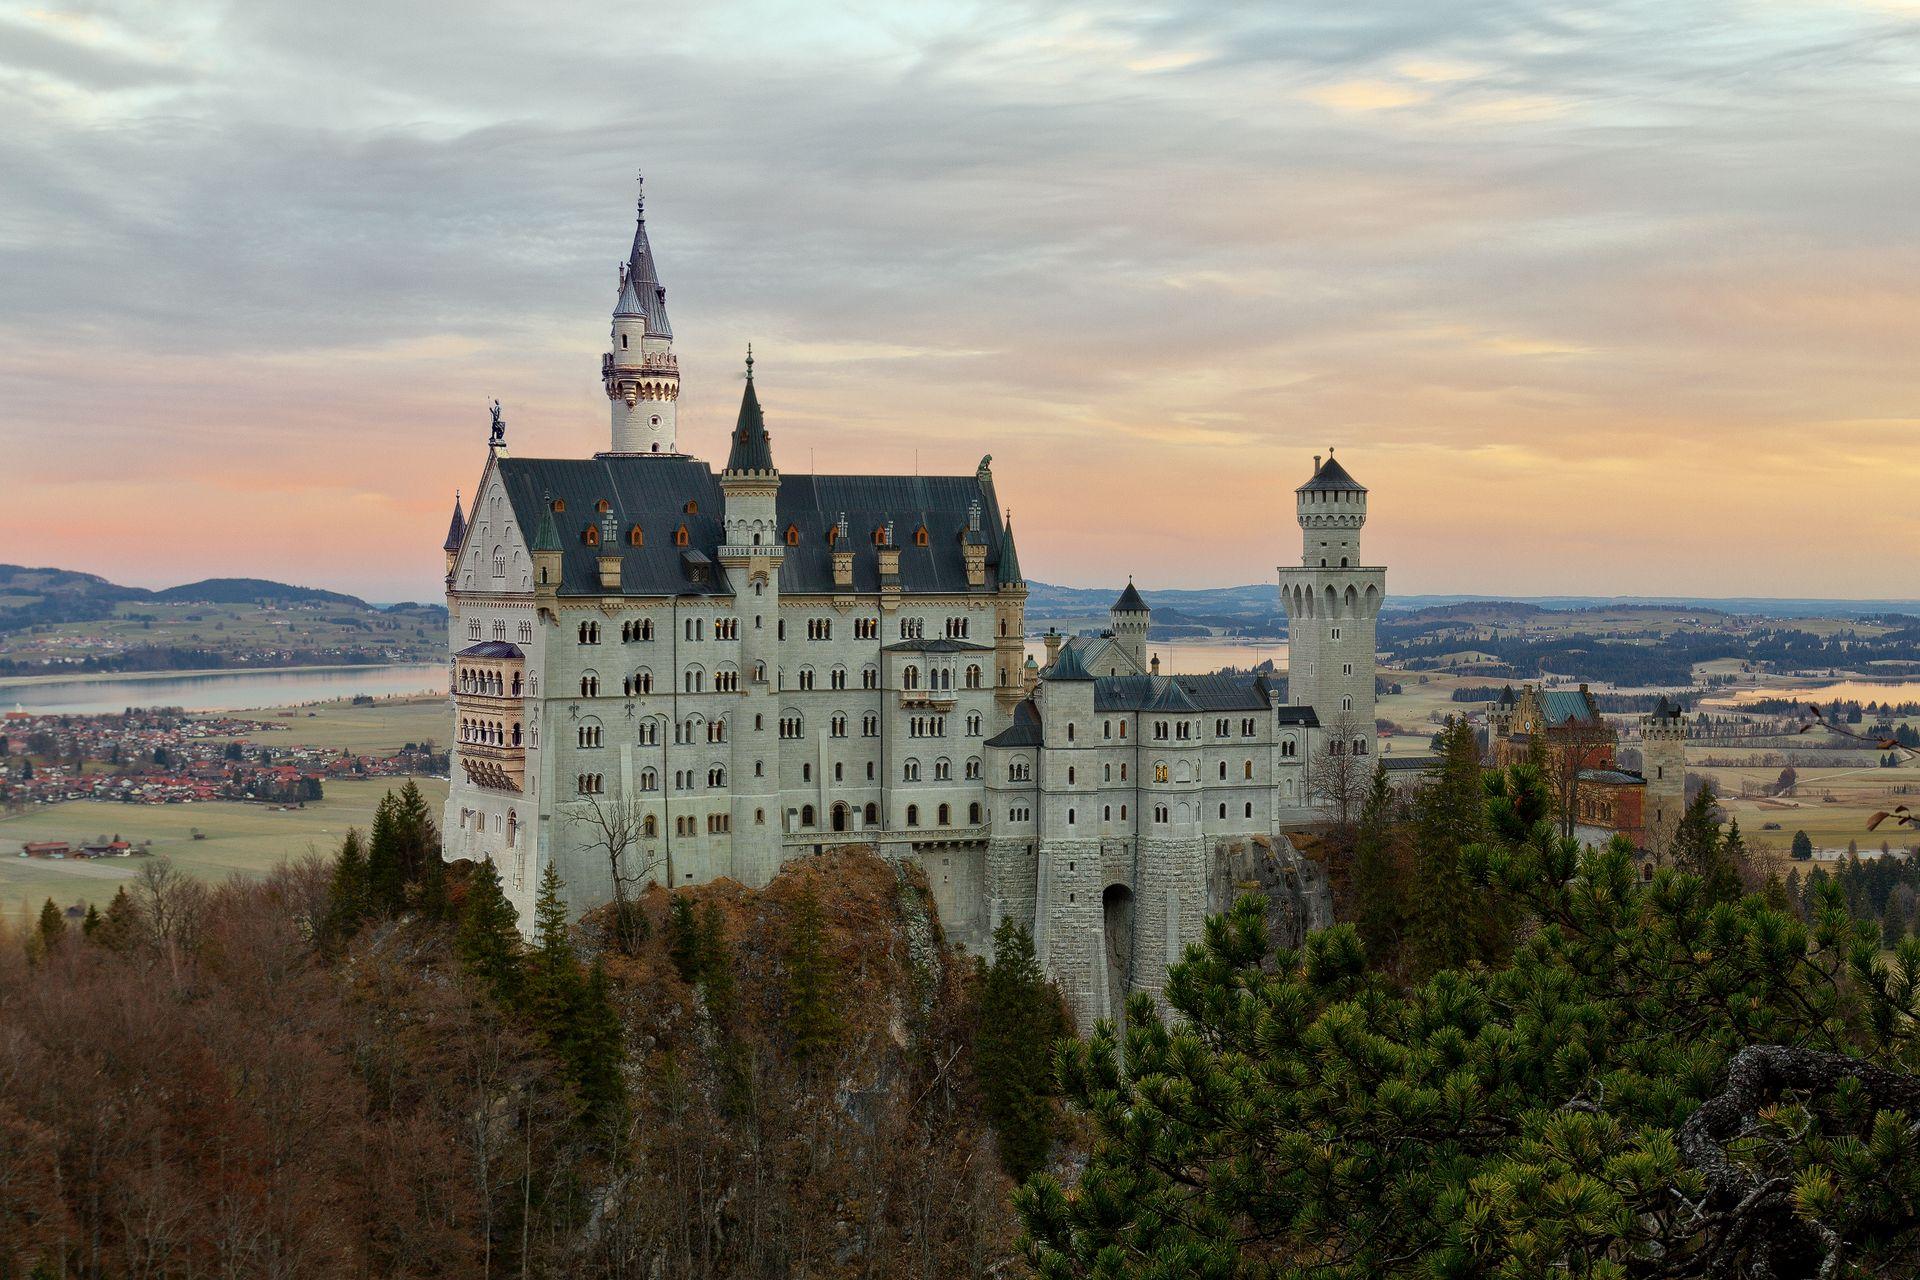 medieval, Neuschwanstein Castle, Hohenschwangau, Bavaria, Germany